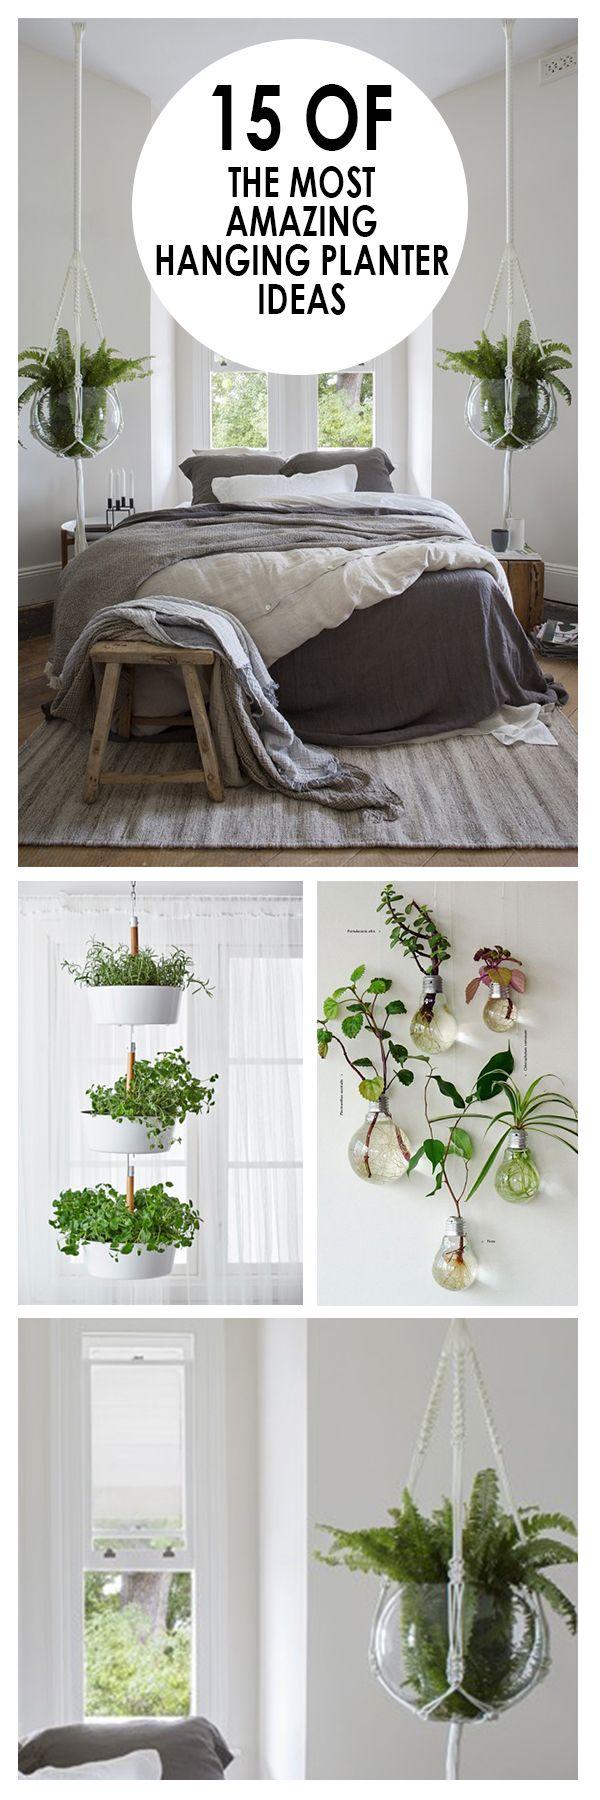 best 25+ hanging planters ideas on pinterest | indoor hanging